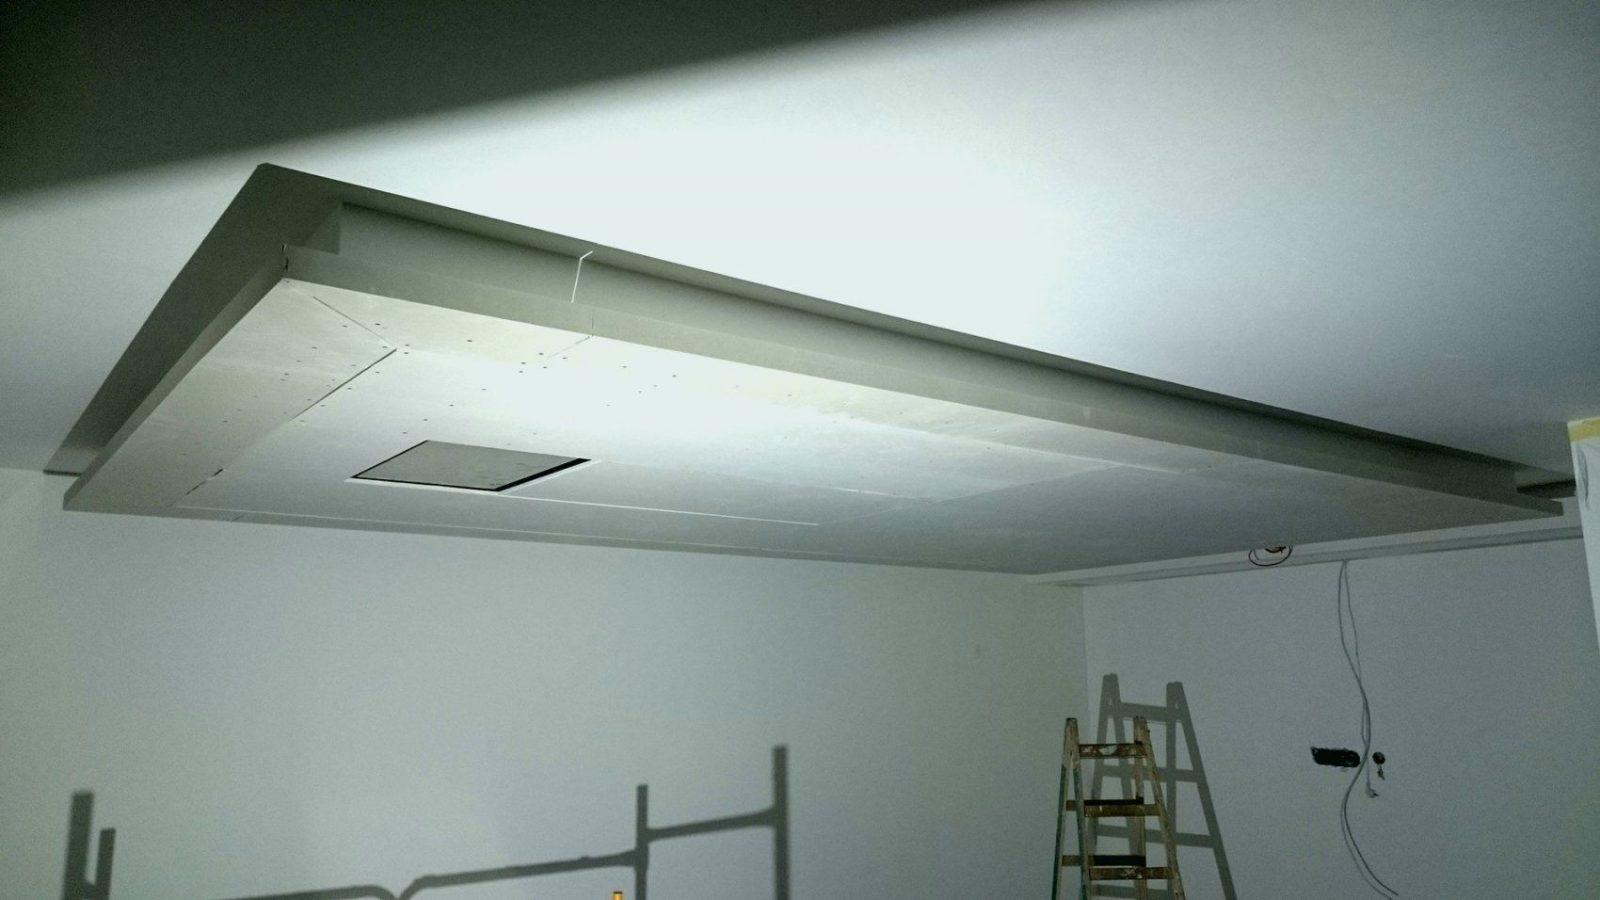 Wand Indirekte Beleuchtung 100 Led Indirekte Beleuchtung Wand